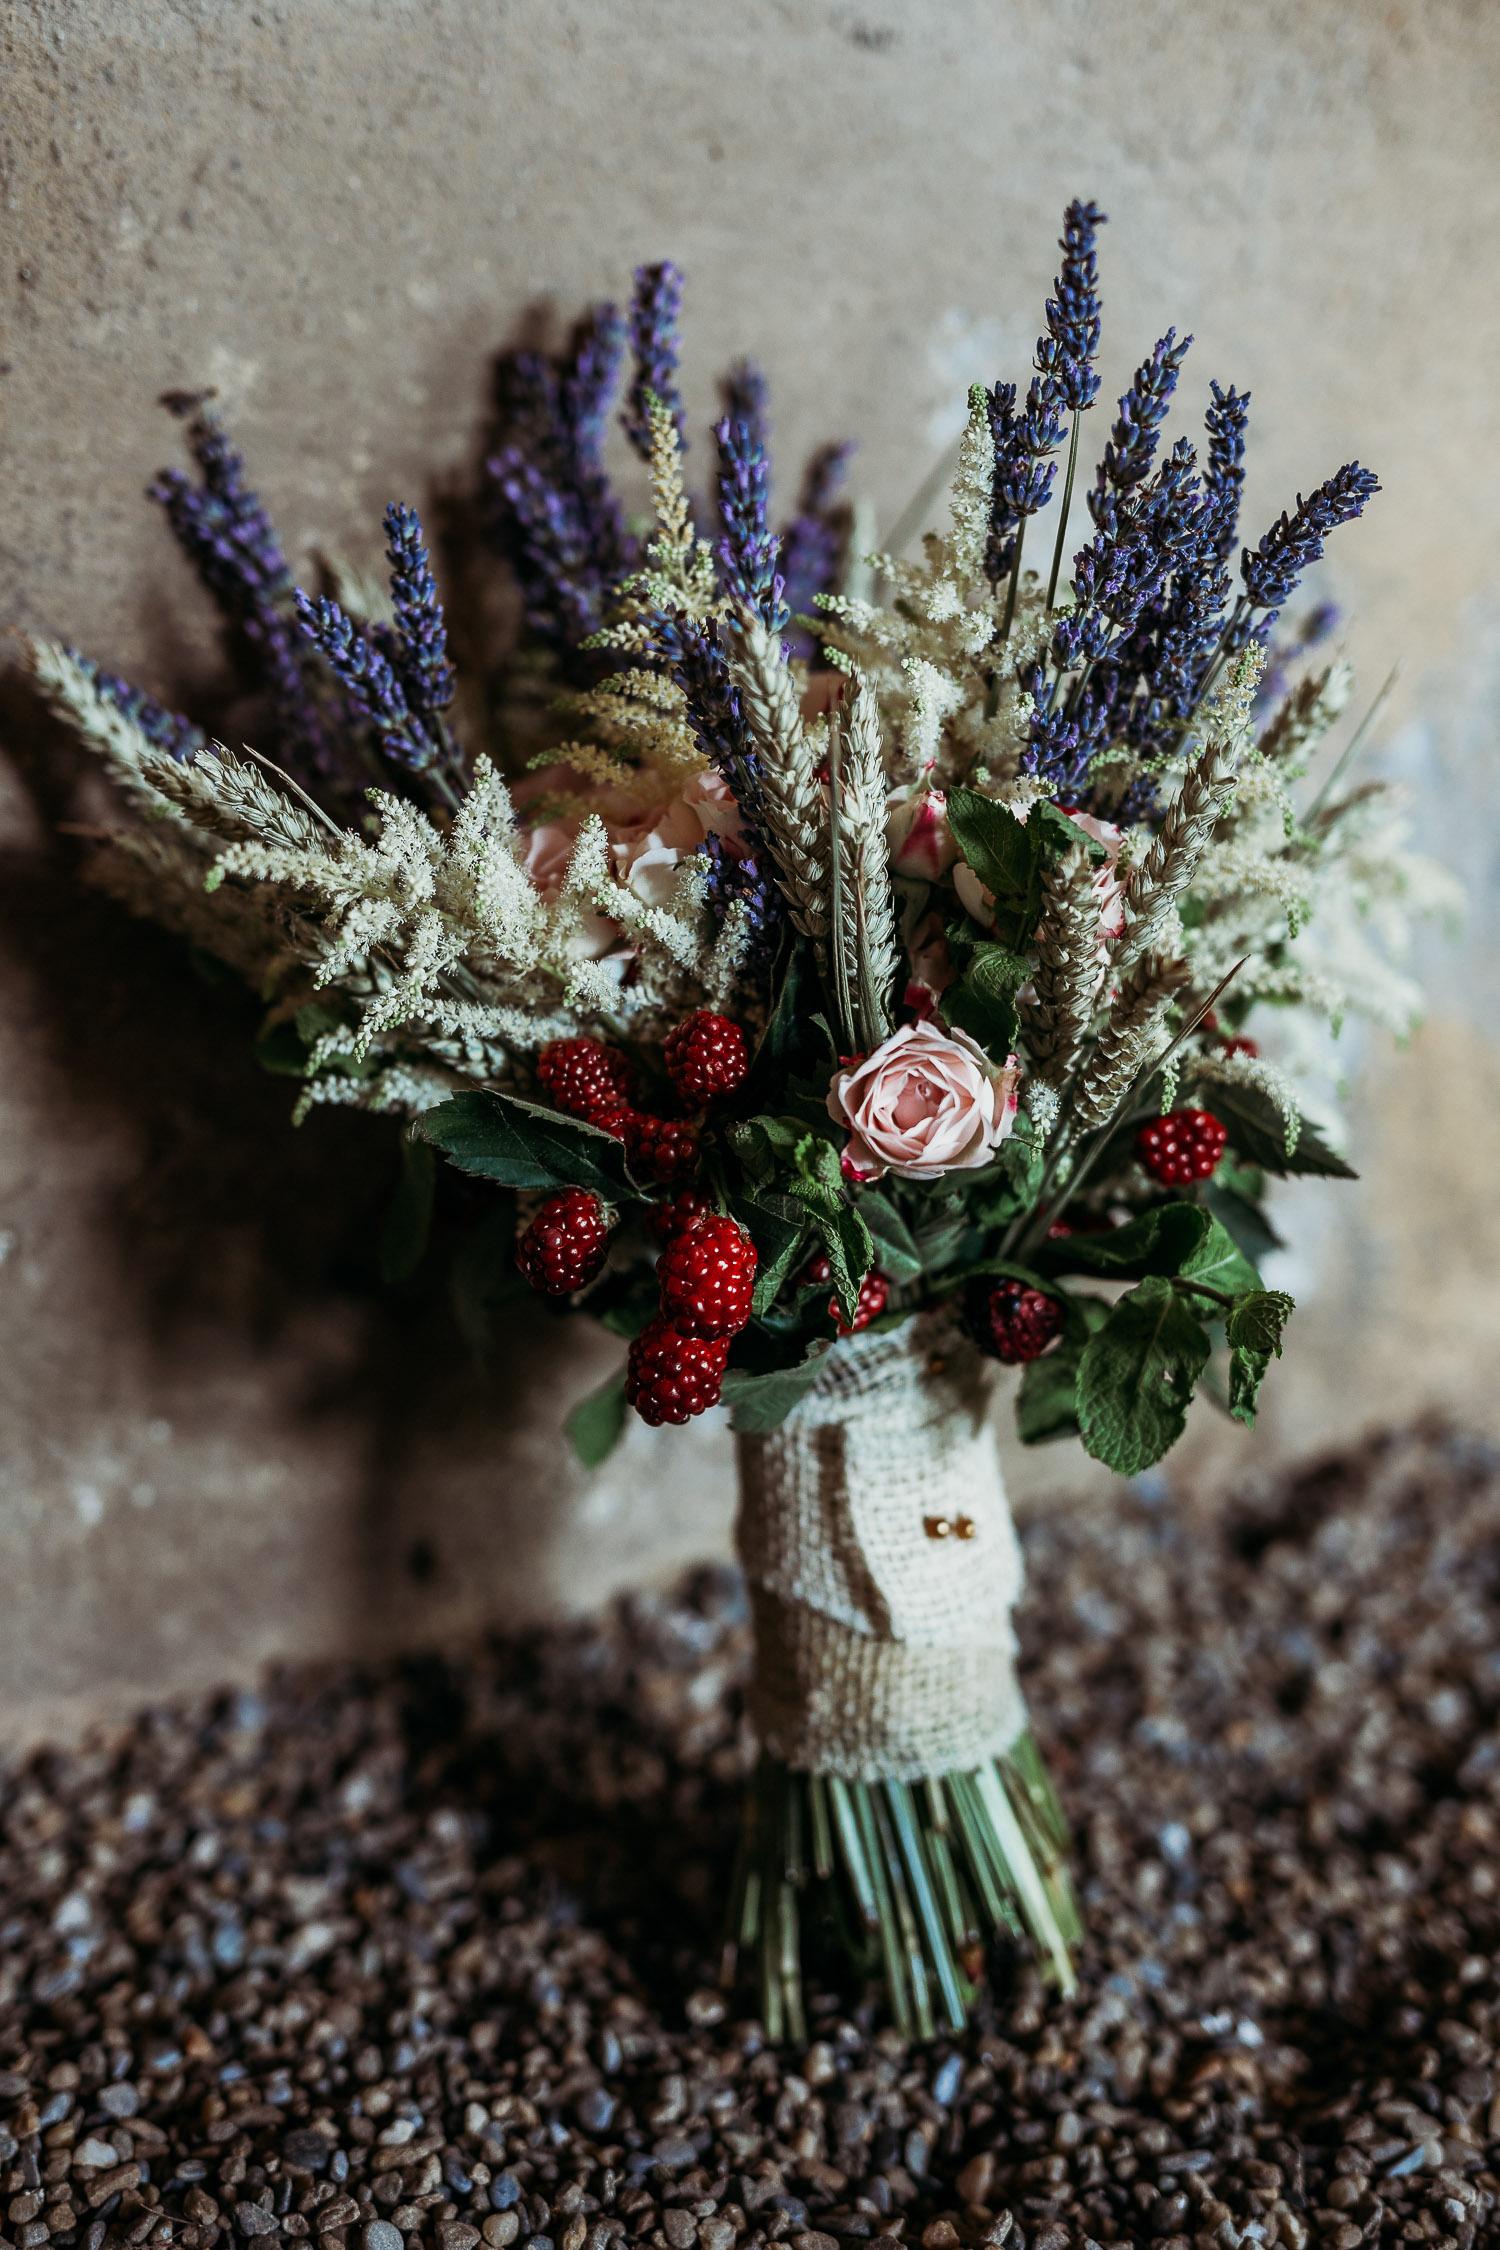 Bouquet da sposa con lavanda, astilbe e frutti rossi per un matrimonio a Cascina Ajrale in Piemonte, realizzato da il fiore di biancospino